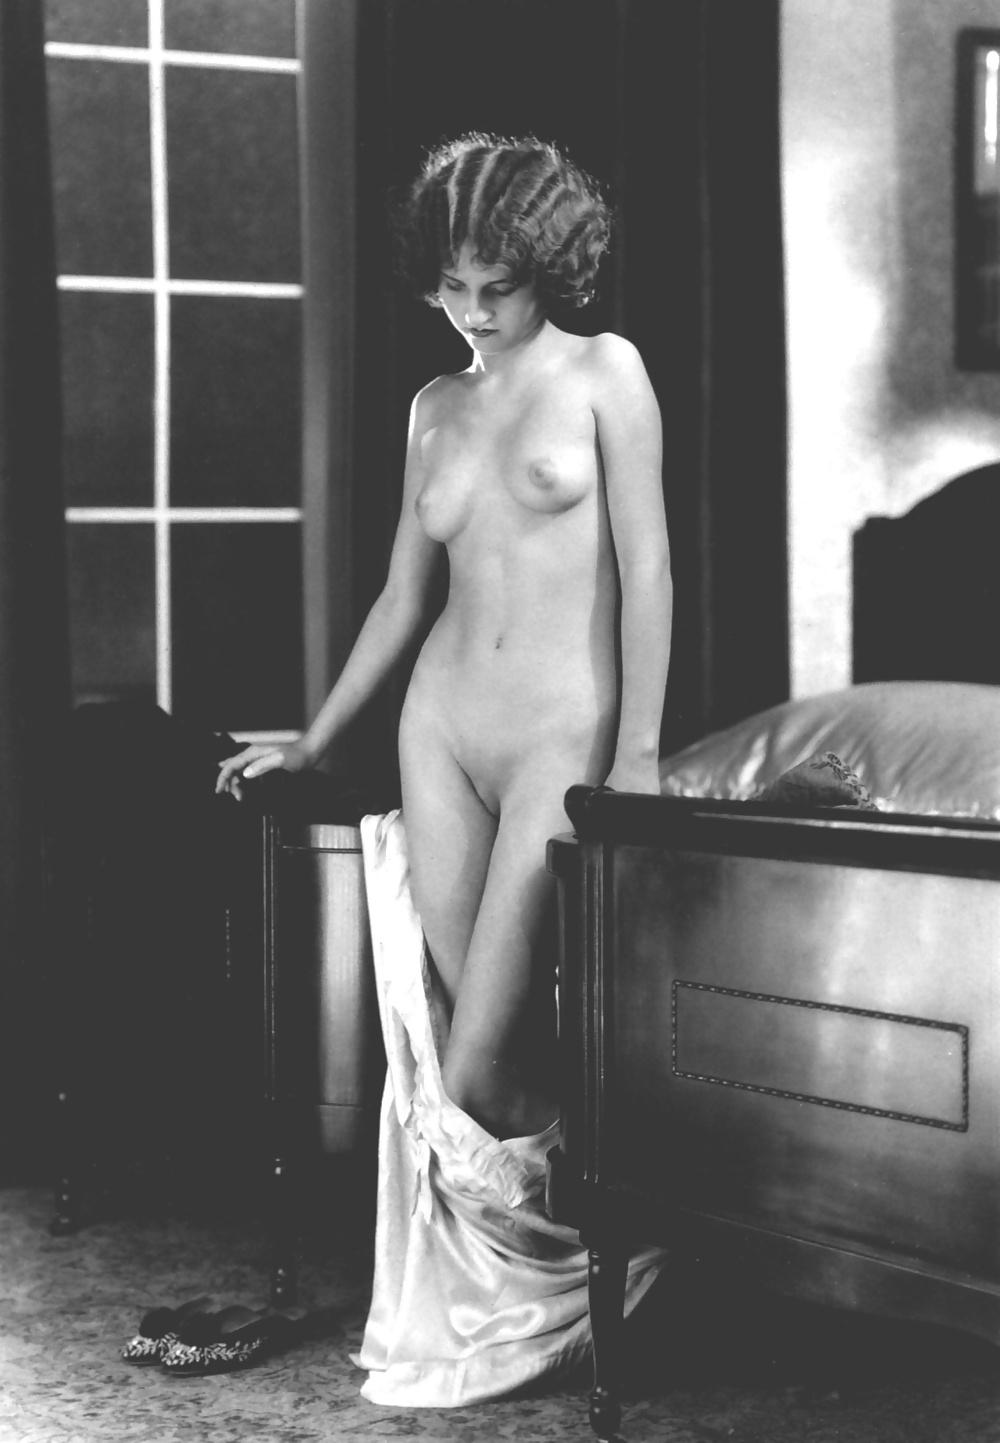 nude-photos-of-lorain-brocca